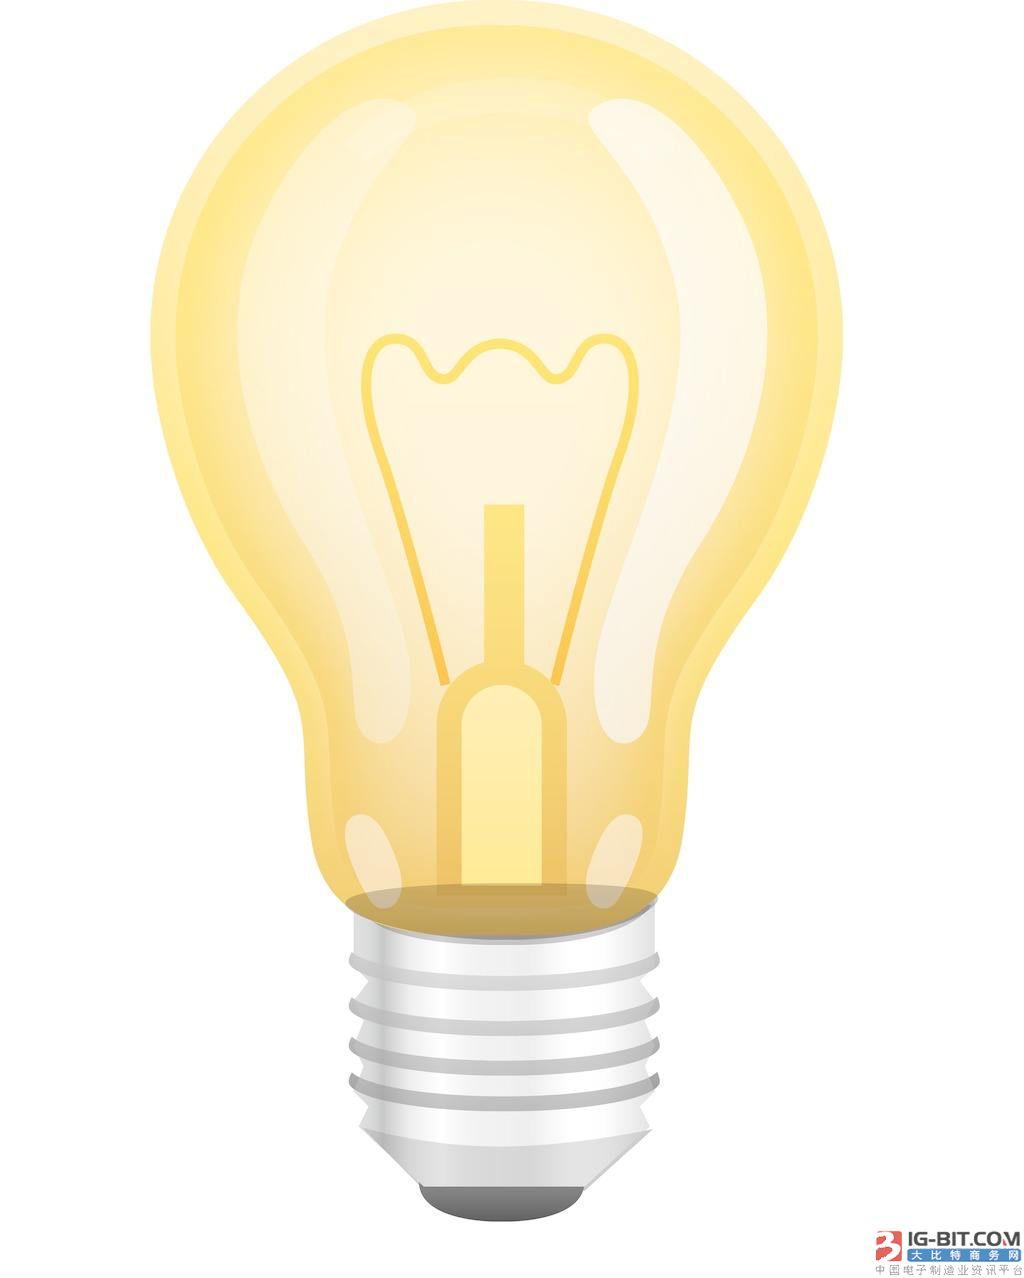 加拿大Lumenpulse收购美国户外照明公司股权